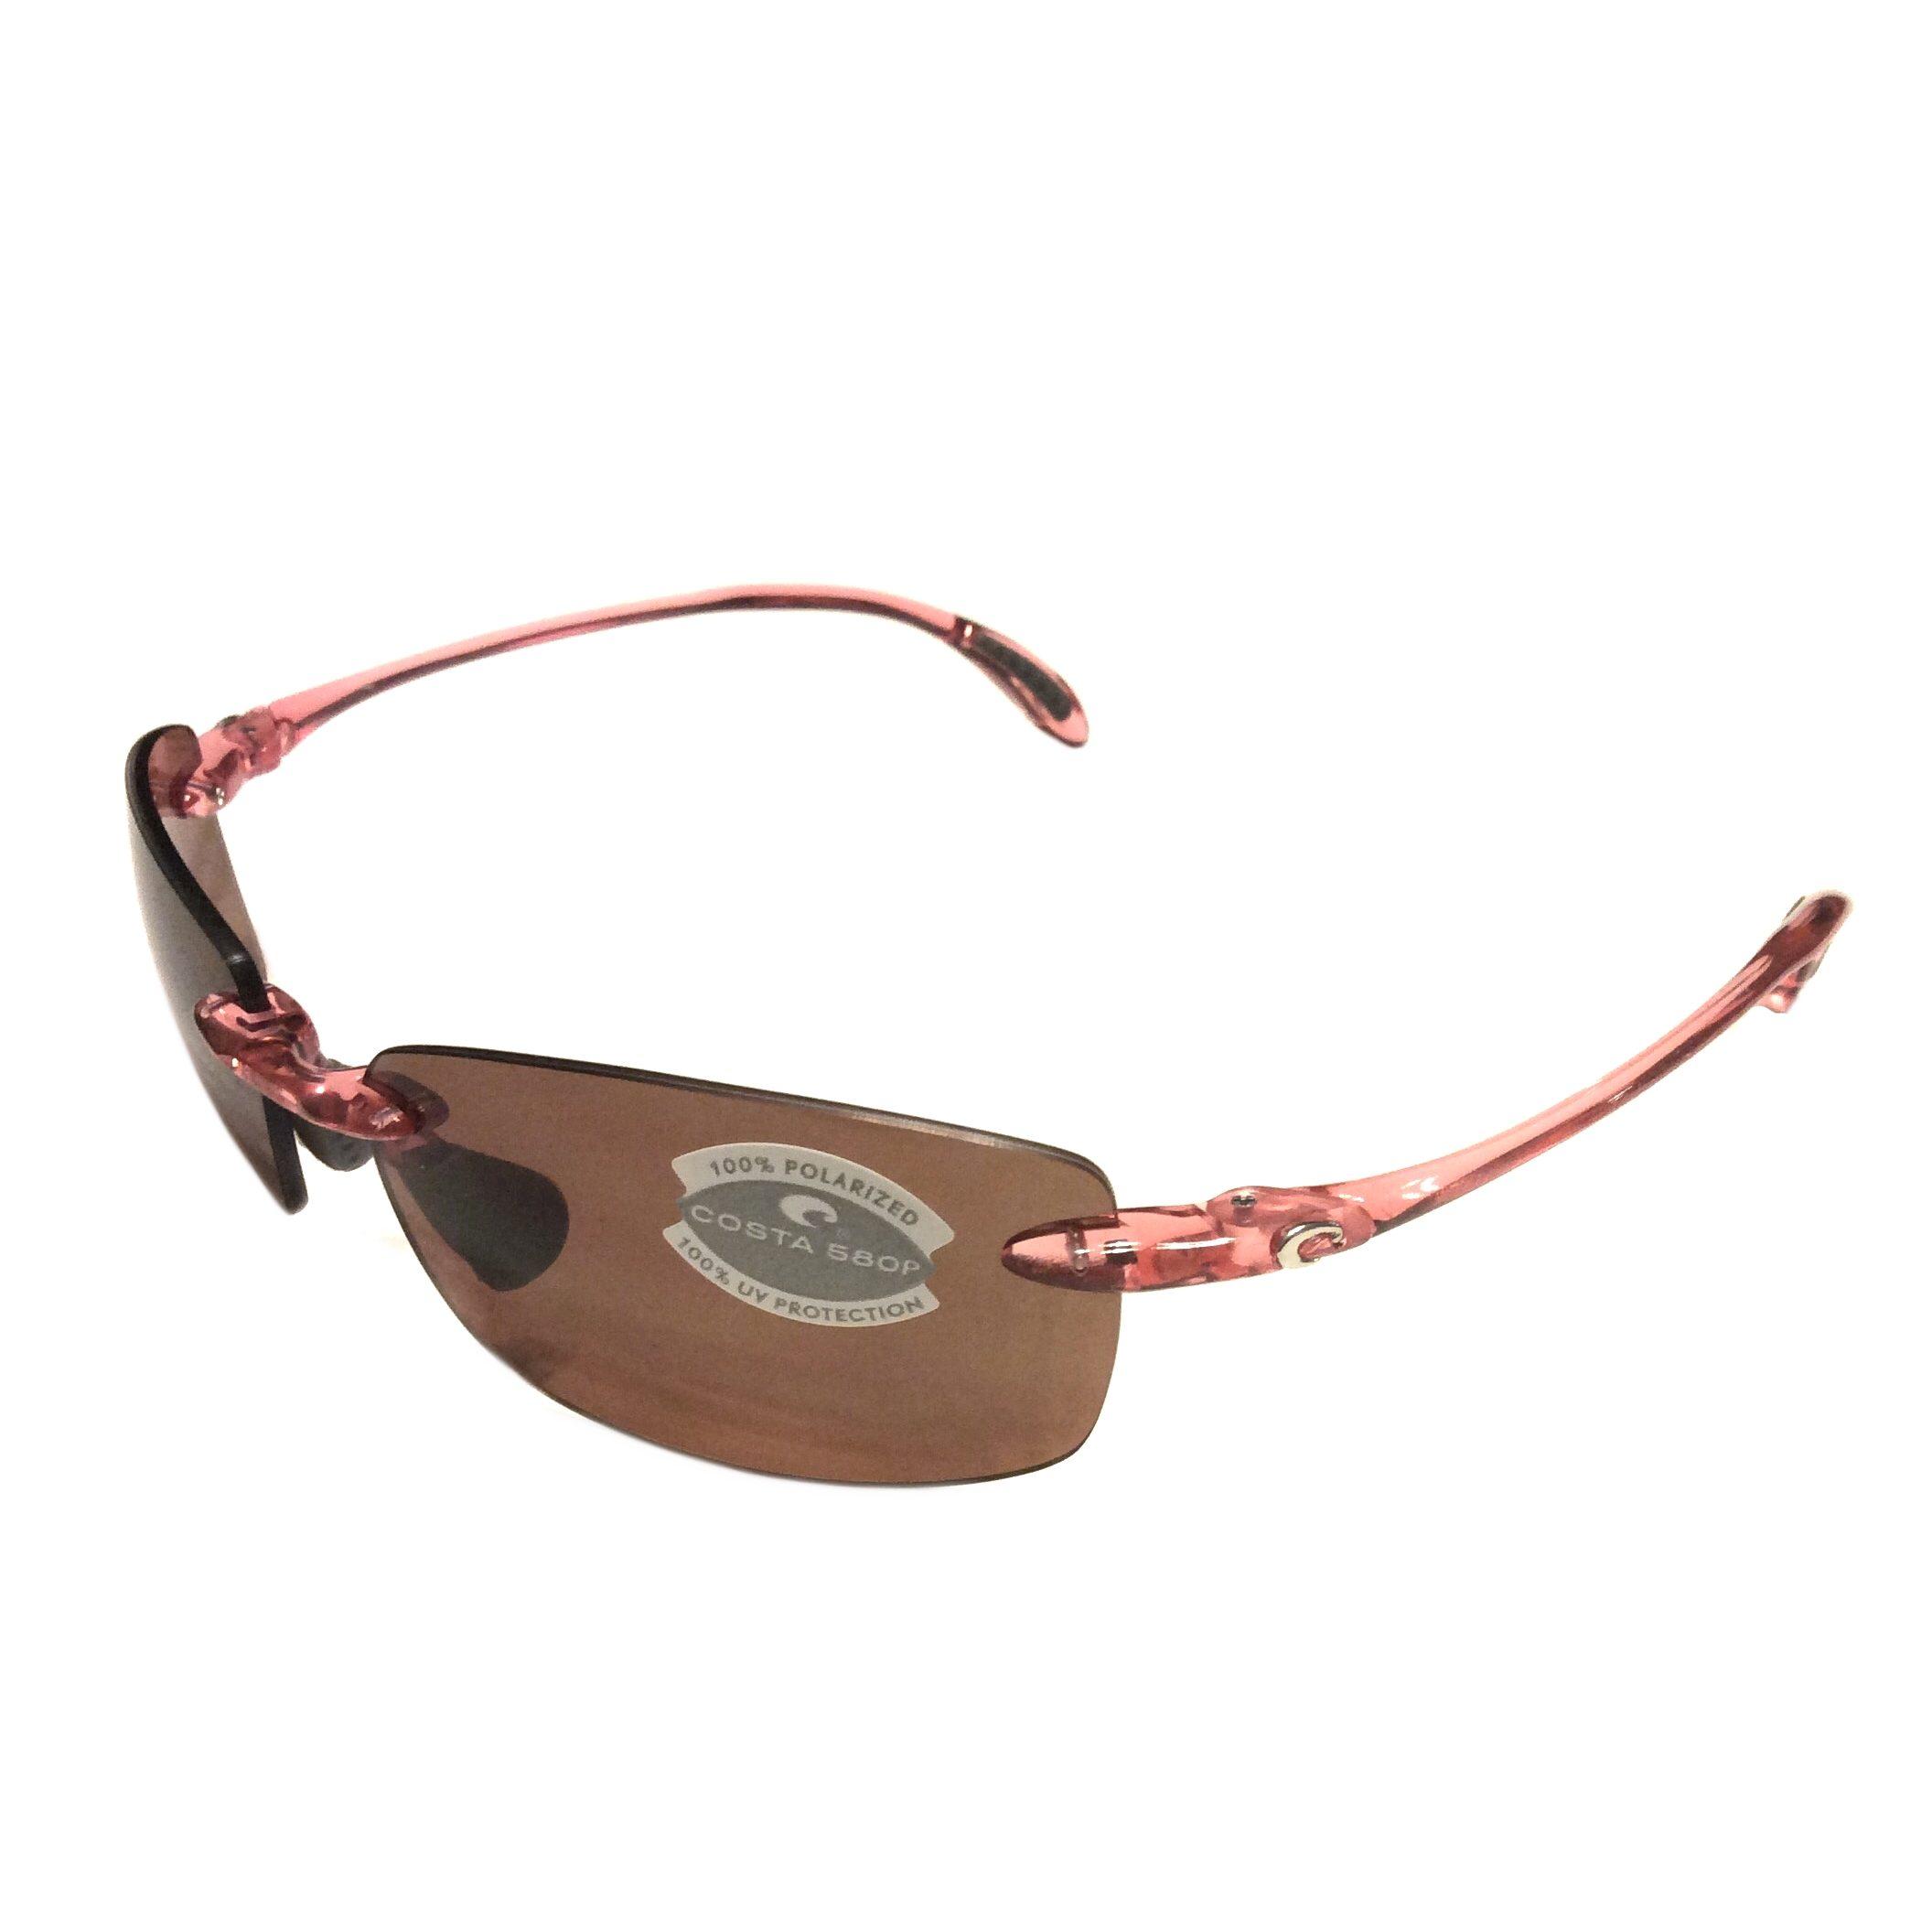 costa del mar sunglasses  costa del mar ballast